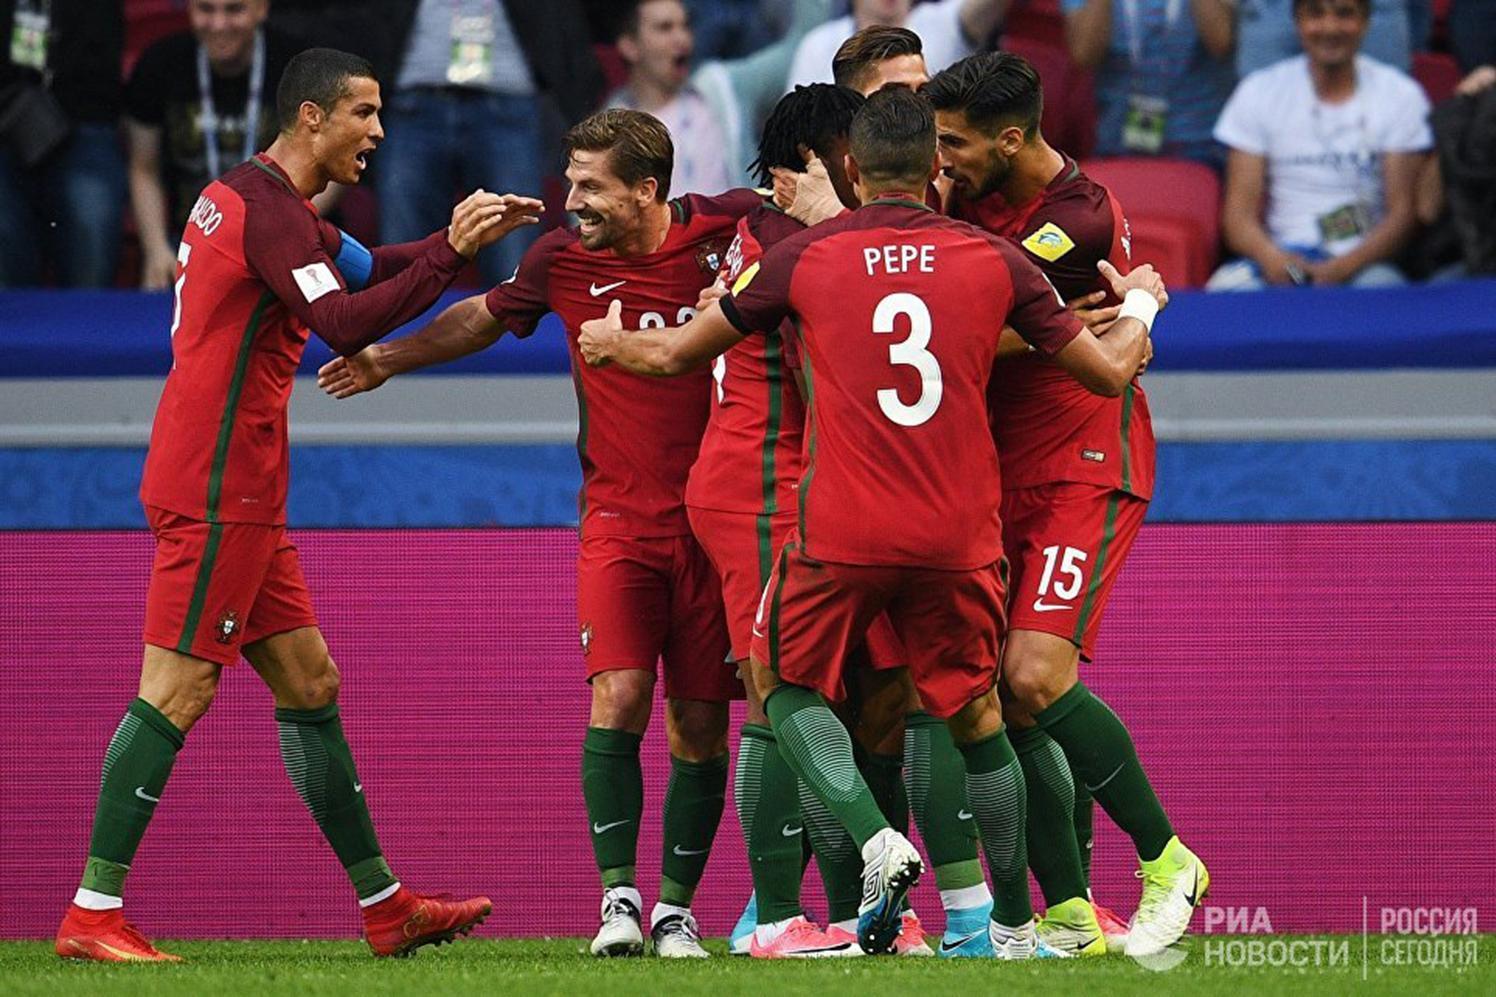 есть, чили-португалия матч 2017 результат можете узнать стоимость